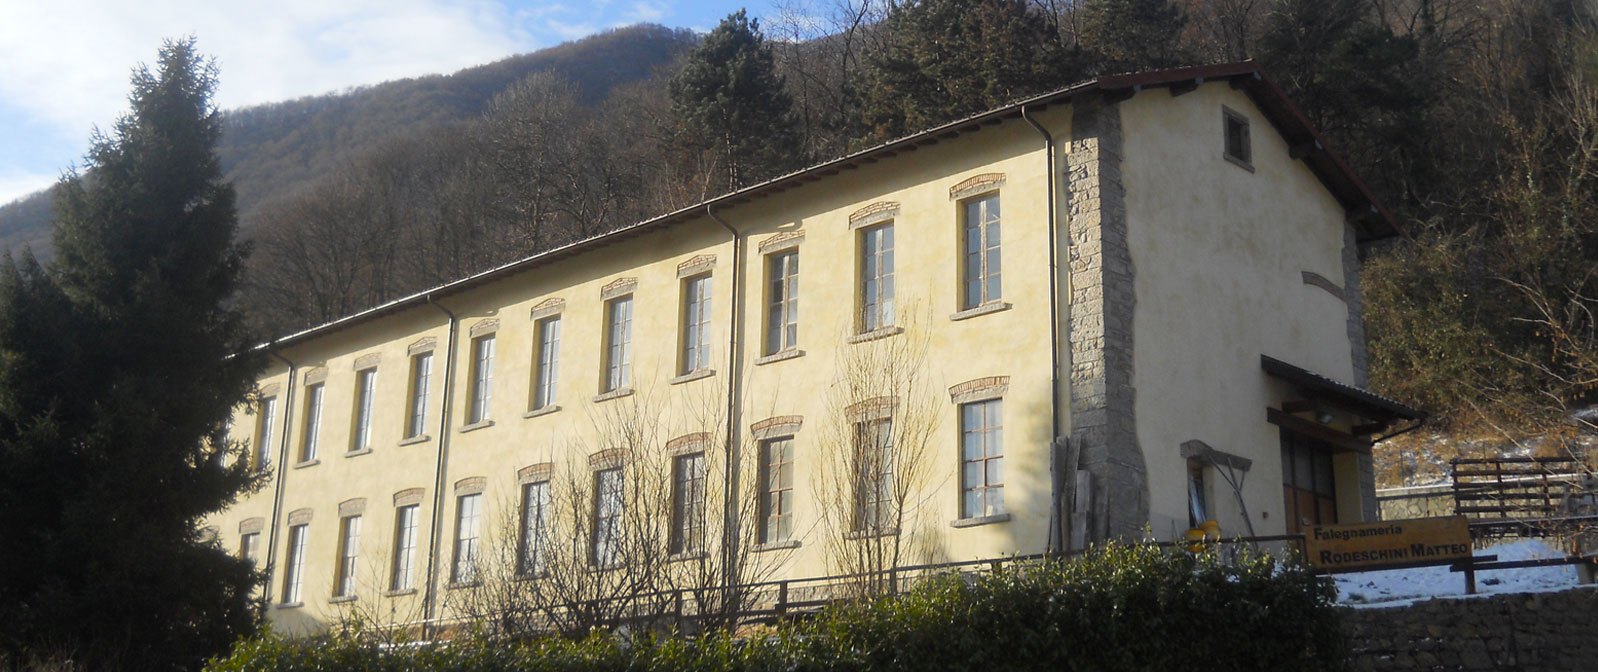 Sede della falegnameria Rodeschini